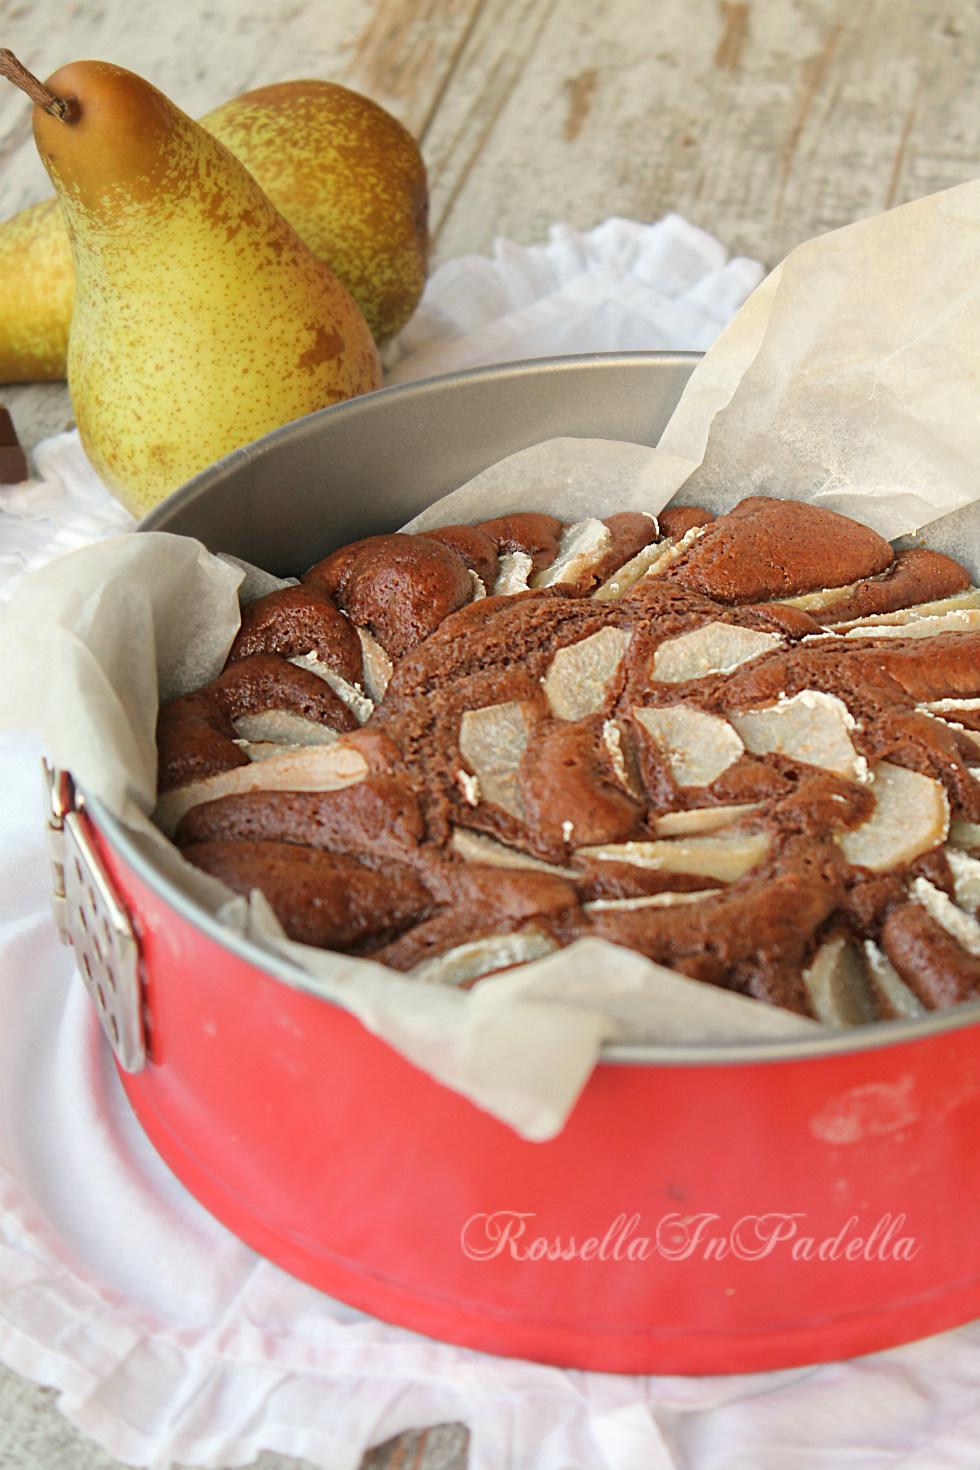 Torta pere cioccolato e mascarpone come sopra ad una - Bagno di cioccolato ...